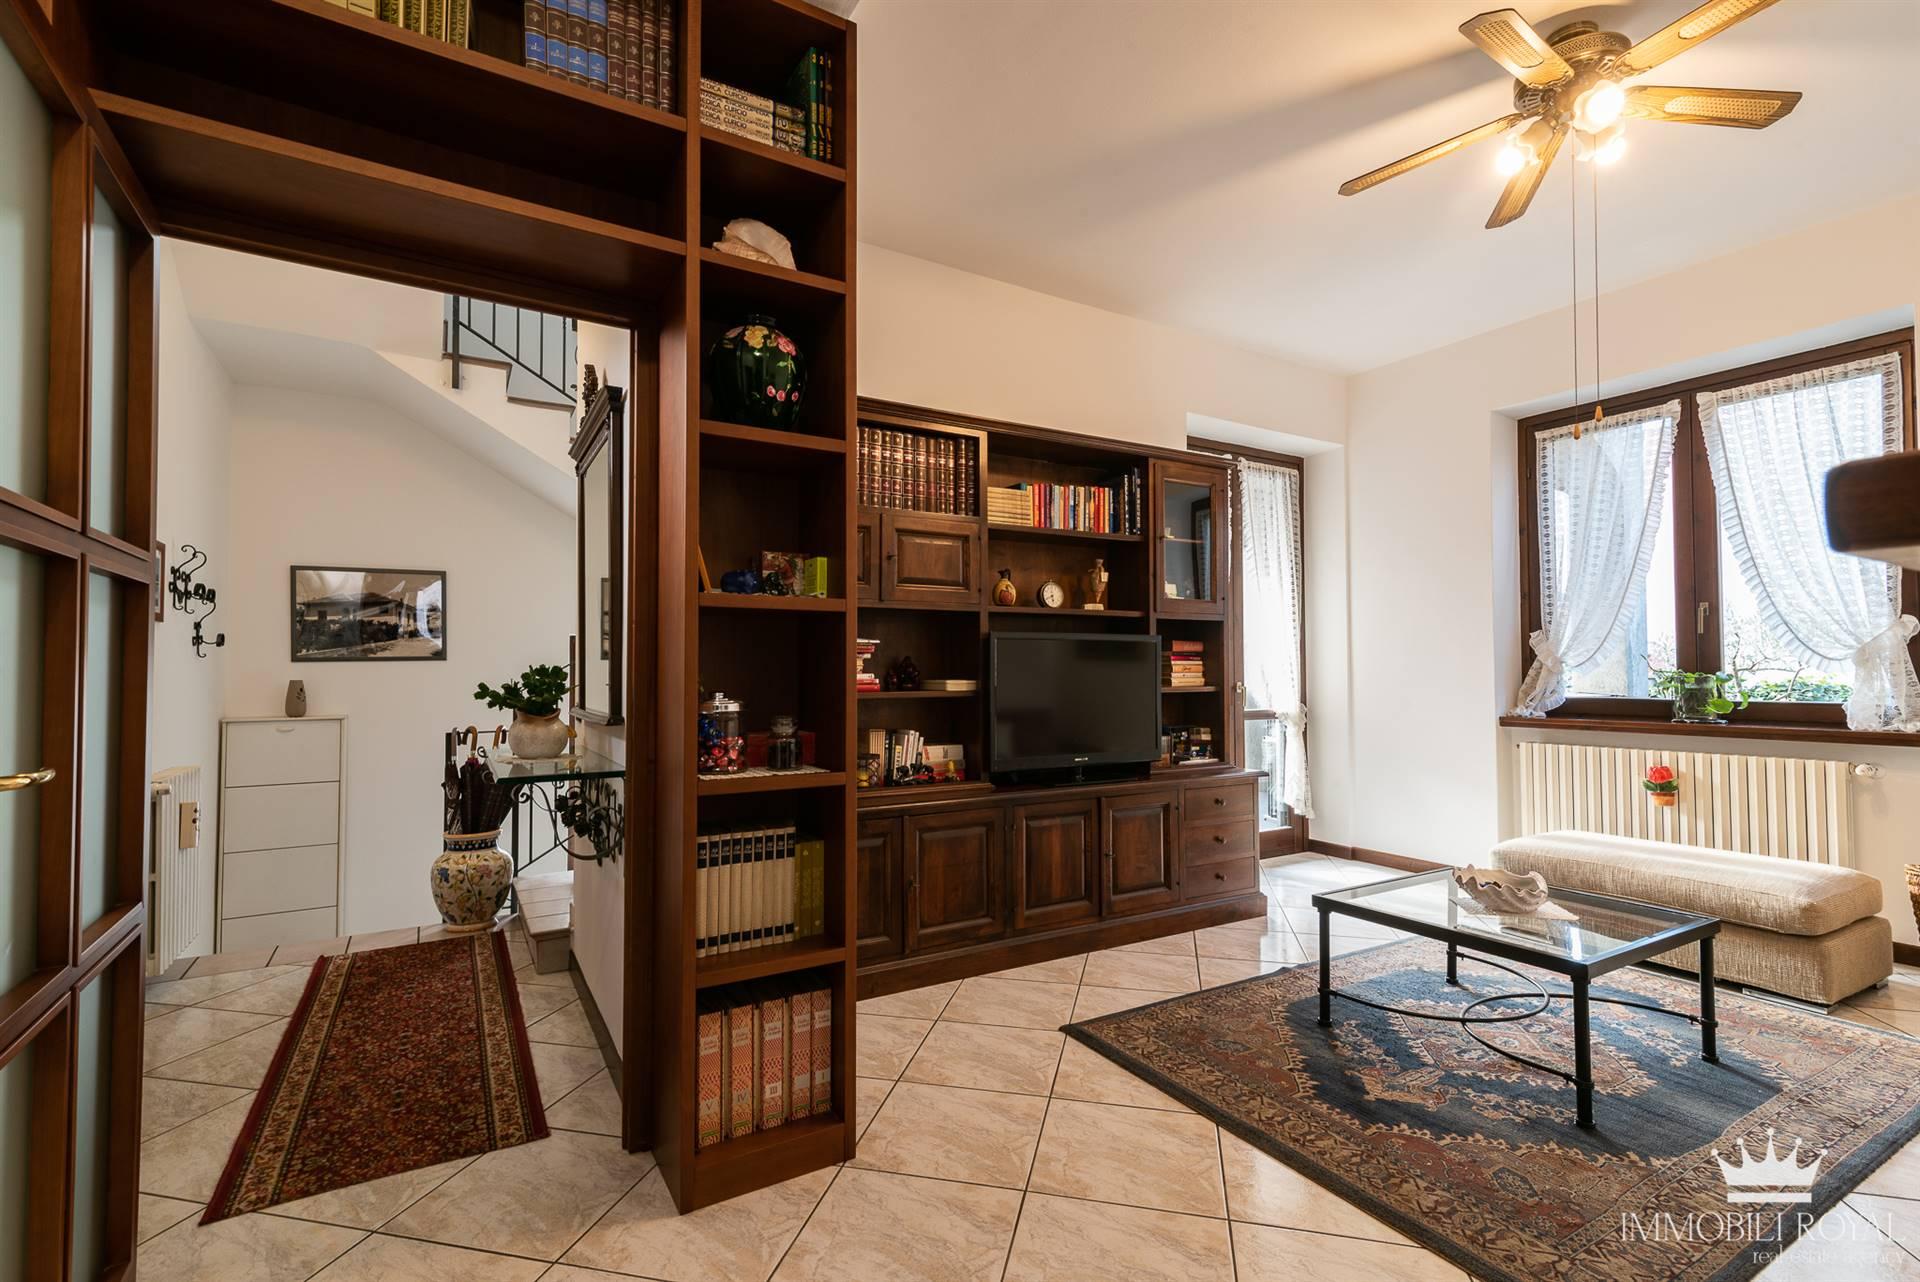 Villa in vendita a Saronno, 4 locali, zona Zona: Centro, prezzo € 465.000   CambioCasa.it